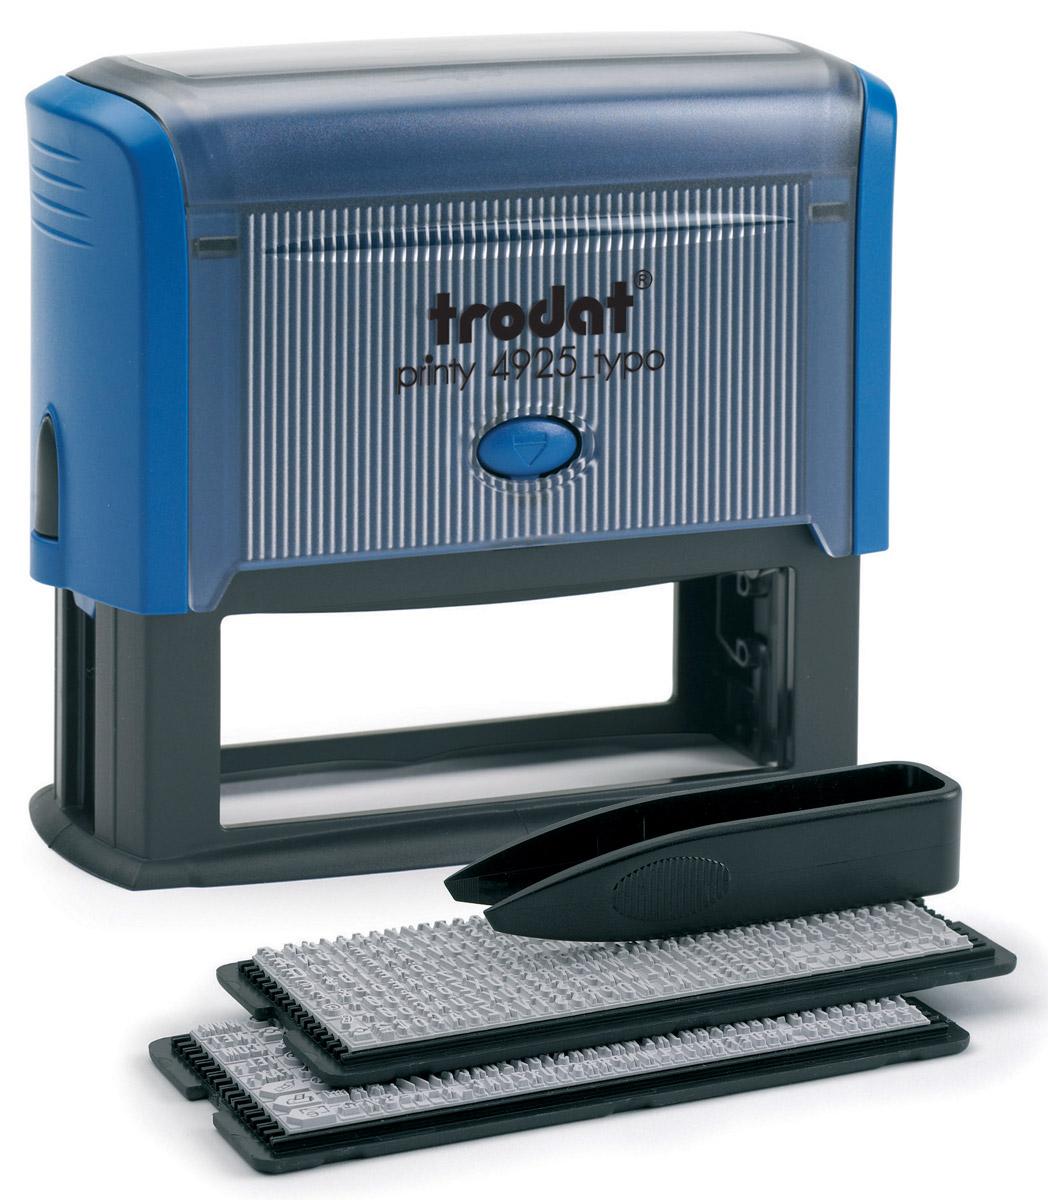 Trodat Штамп самонаборный пятистрочный 82 х 25 ммStampMouseR40/1SetСамонаборный пятистрочный русифицированный штамп Trodat с автоматическим окрашиванием будет незаменим в отделе кадров или в бухгалтерии любой компании. Прочный пластиковый корпус гарантирует долговечное бесперебойное использование. Модель отличается высочайшим удобством в использовании и оптимально ложится в руку благодаря эргономичной ручке. Оттиск проставляется практически бесшумно, легким нажатием руки. Улучшенная конструкция и видимая площадь печати гарантируют качество и точность оттиска. Символы надежно закрепляются в текстовой пластине. Модель оснащена кнопками блокировки и кнопочным механизмом замены подушки. Сменную штемпельную подушку необходимо заменять при каждом изменении текста. Размер строк - 82 х 25 мм.В комплект также входят: сменная подушка, пинцет, 2 кассы символов.Trodat - идеальный штамп для ежедневного использования в офисе, гарантирующий получение чистых и четких оттисков. Идеально подходит к самым разным требованиям в повседневной офисной жизни.